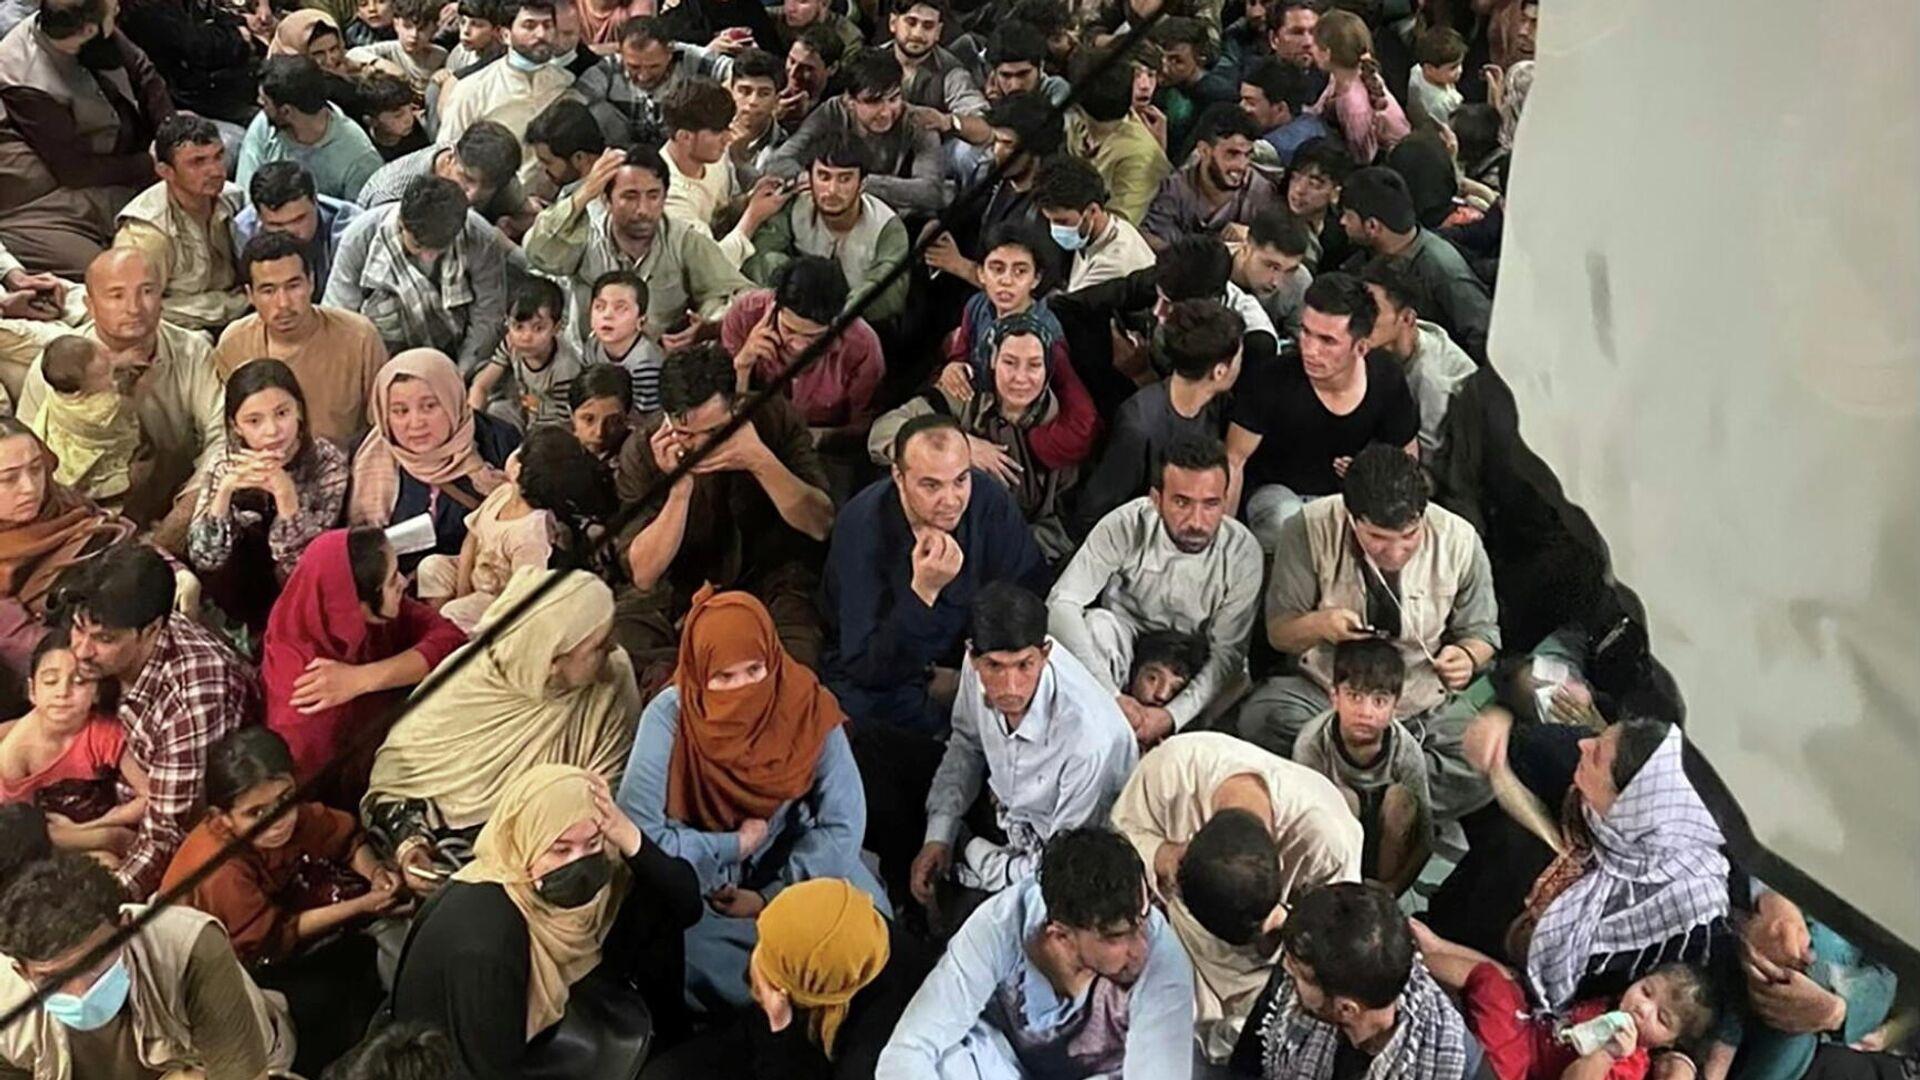 Etwa 640 Afghanen sitzen auf dem Boden eines US-amerikanischen Transportflugzeuges, 15. August 2021 in Kabul.  - SNA, 1920, 15.09.2021